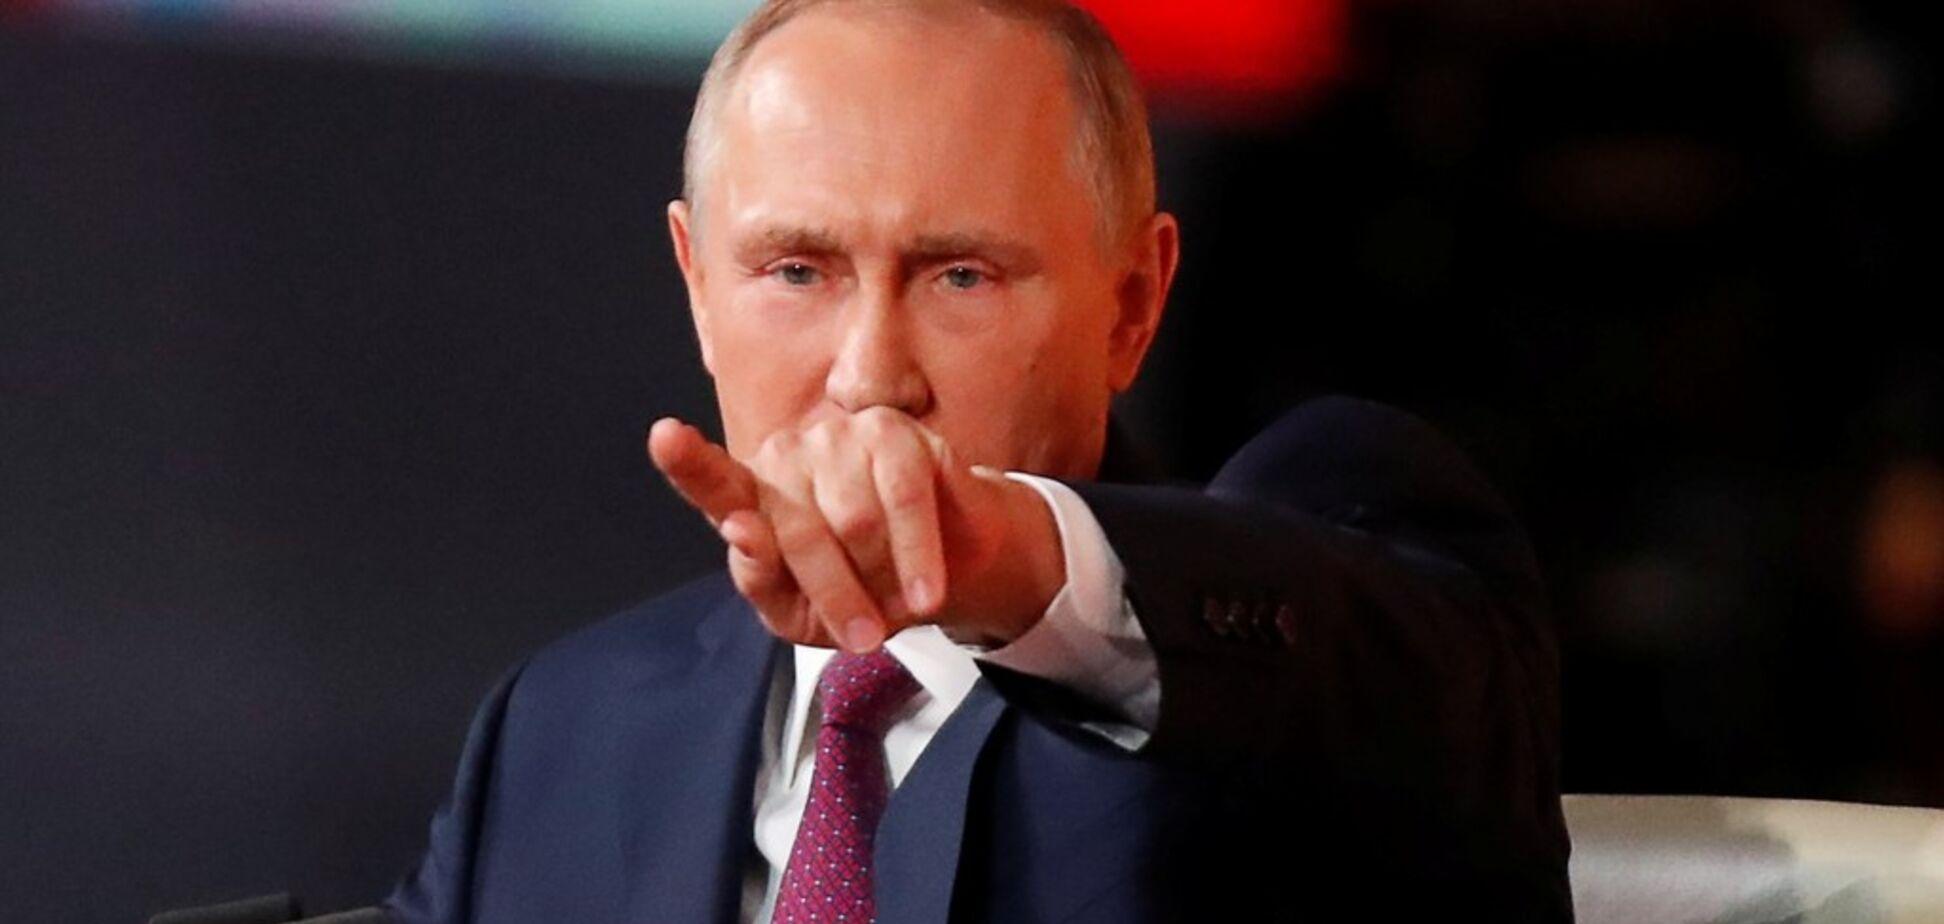 ''Тільки повна капітуляція'': в Україні розкрили прийом Путіна в переговорах із Порошенком